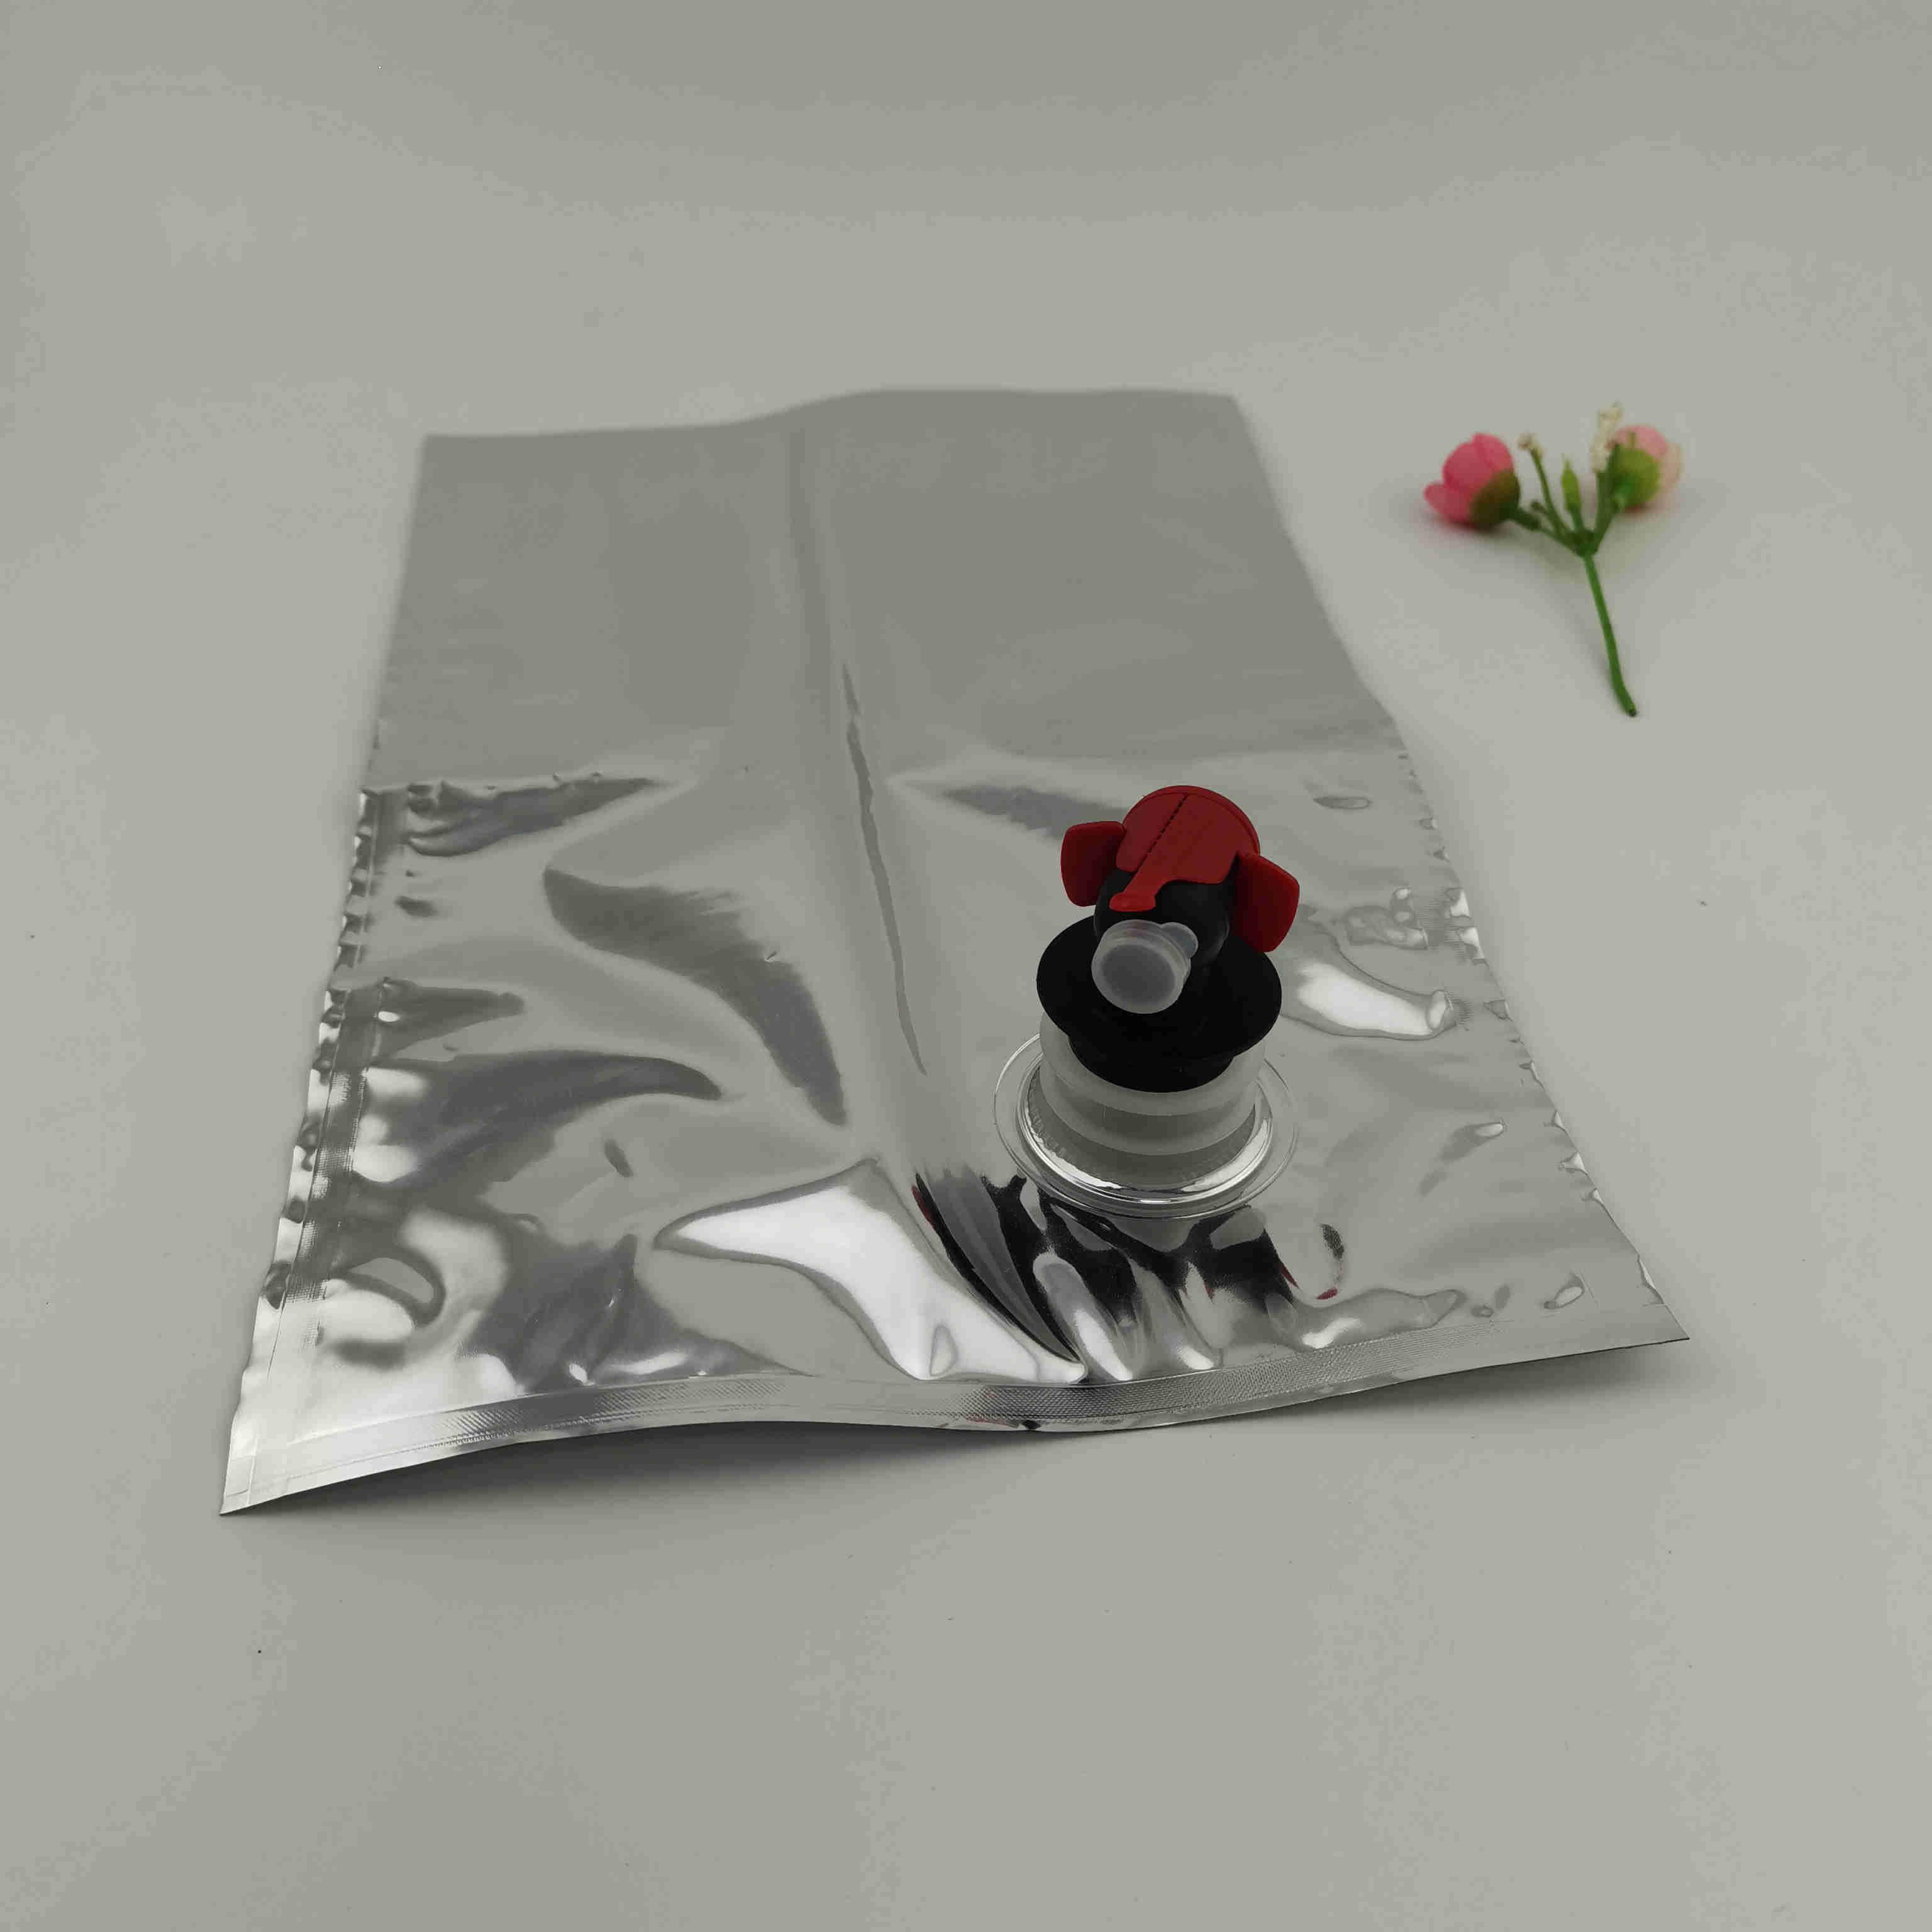 1-20L透明盒中袋柠檬水 柠檬汁伴侣奶茶店原材料果味浓浆盒中袋